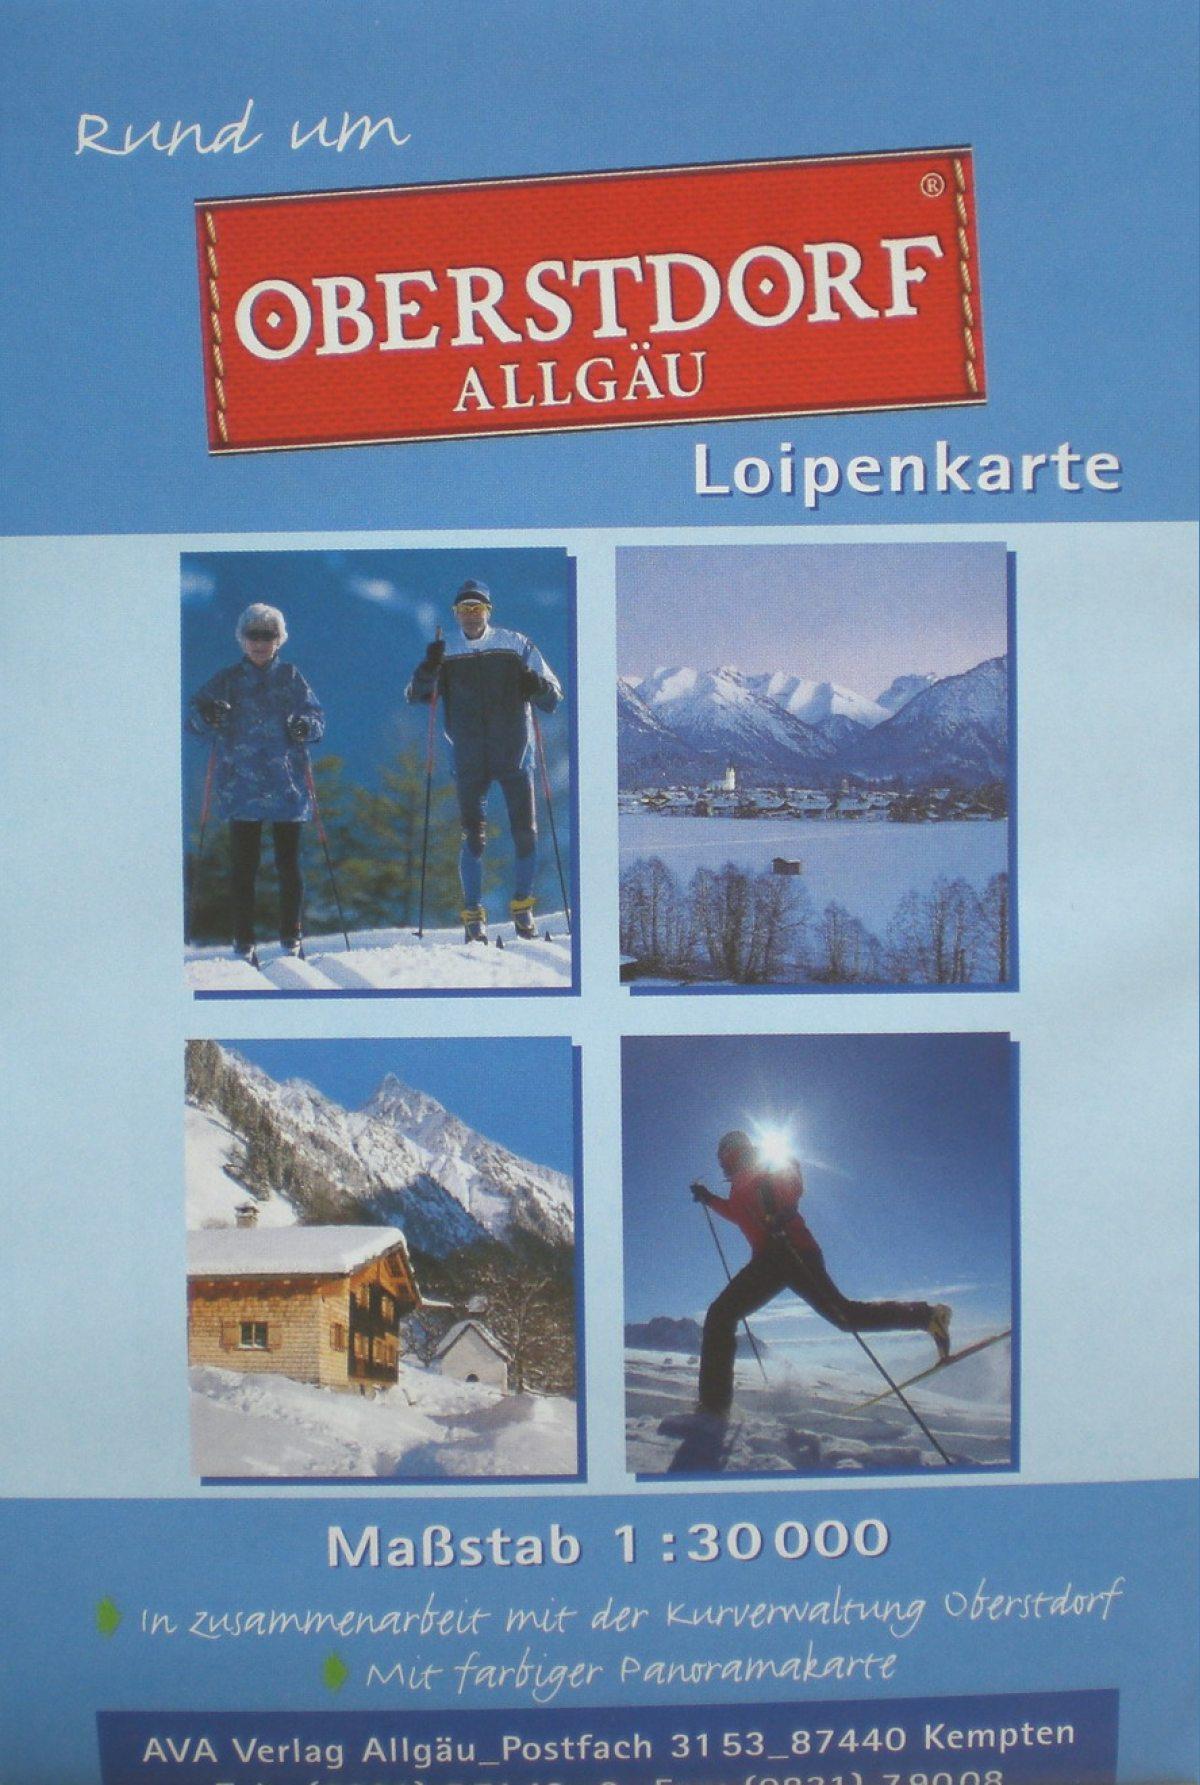 Loipenkarte Oberstdorf